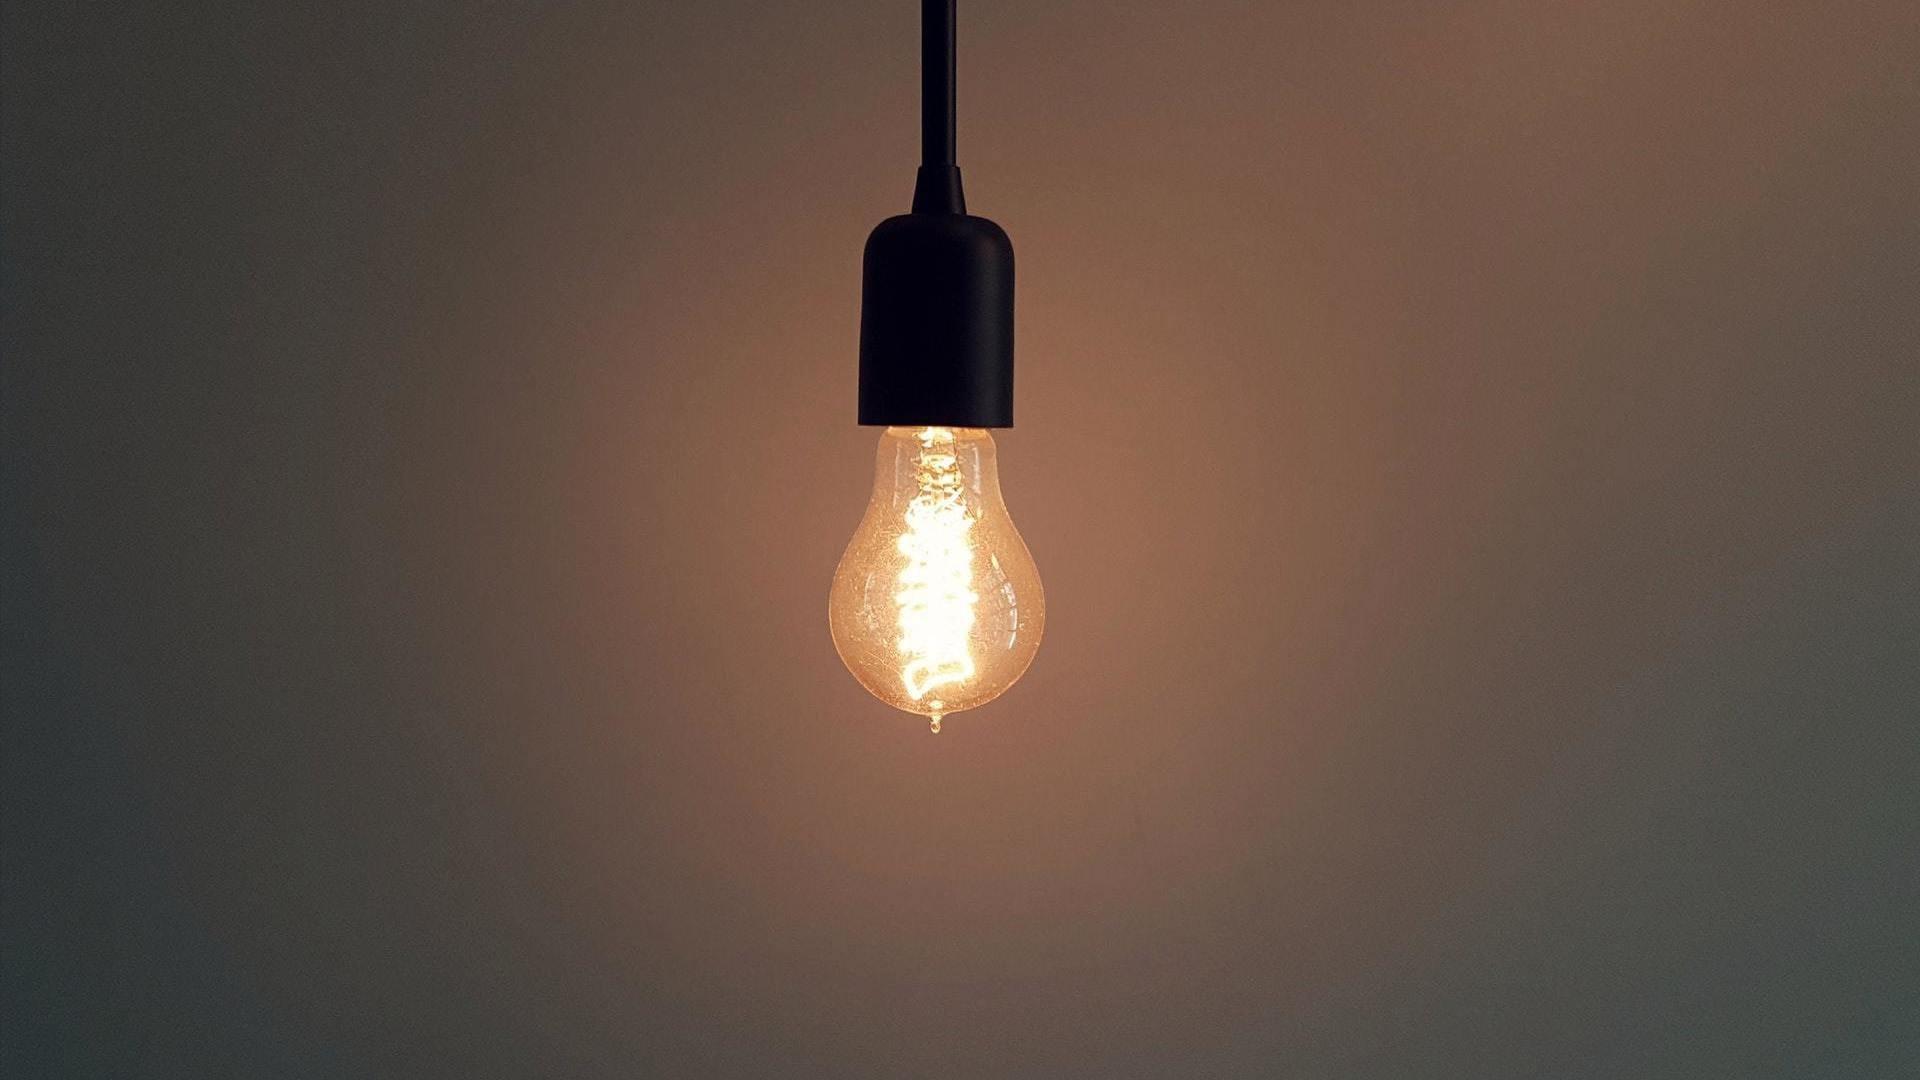 Plafoniere Muro Led Bagnola : I migliori 20 elettricisti per luce led a perugia con preventivi